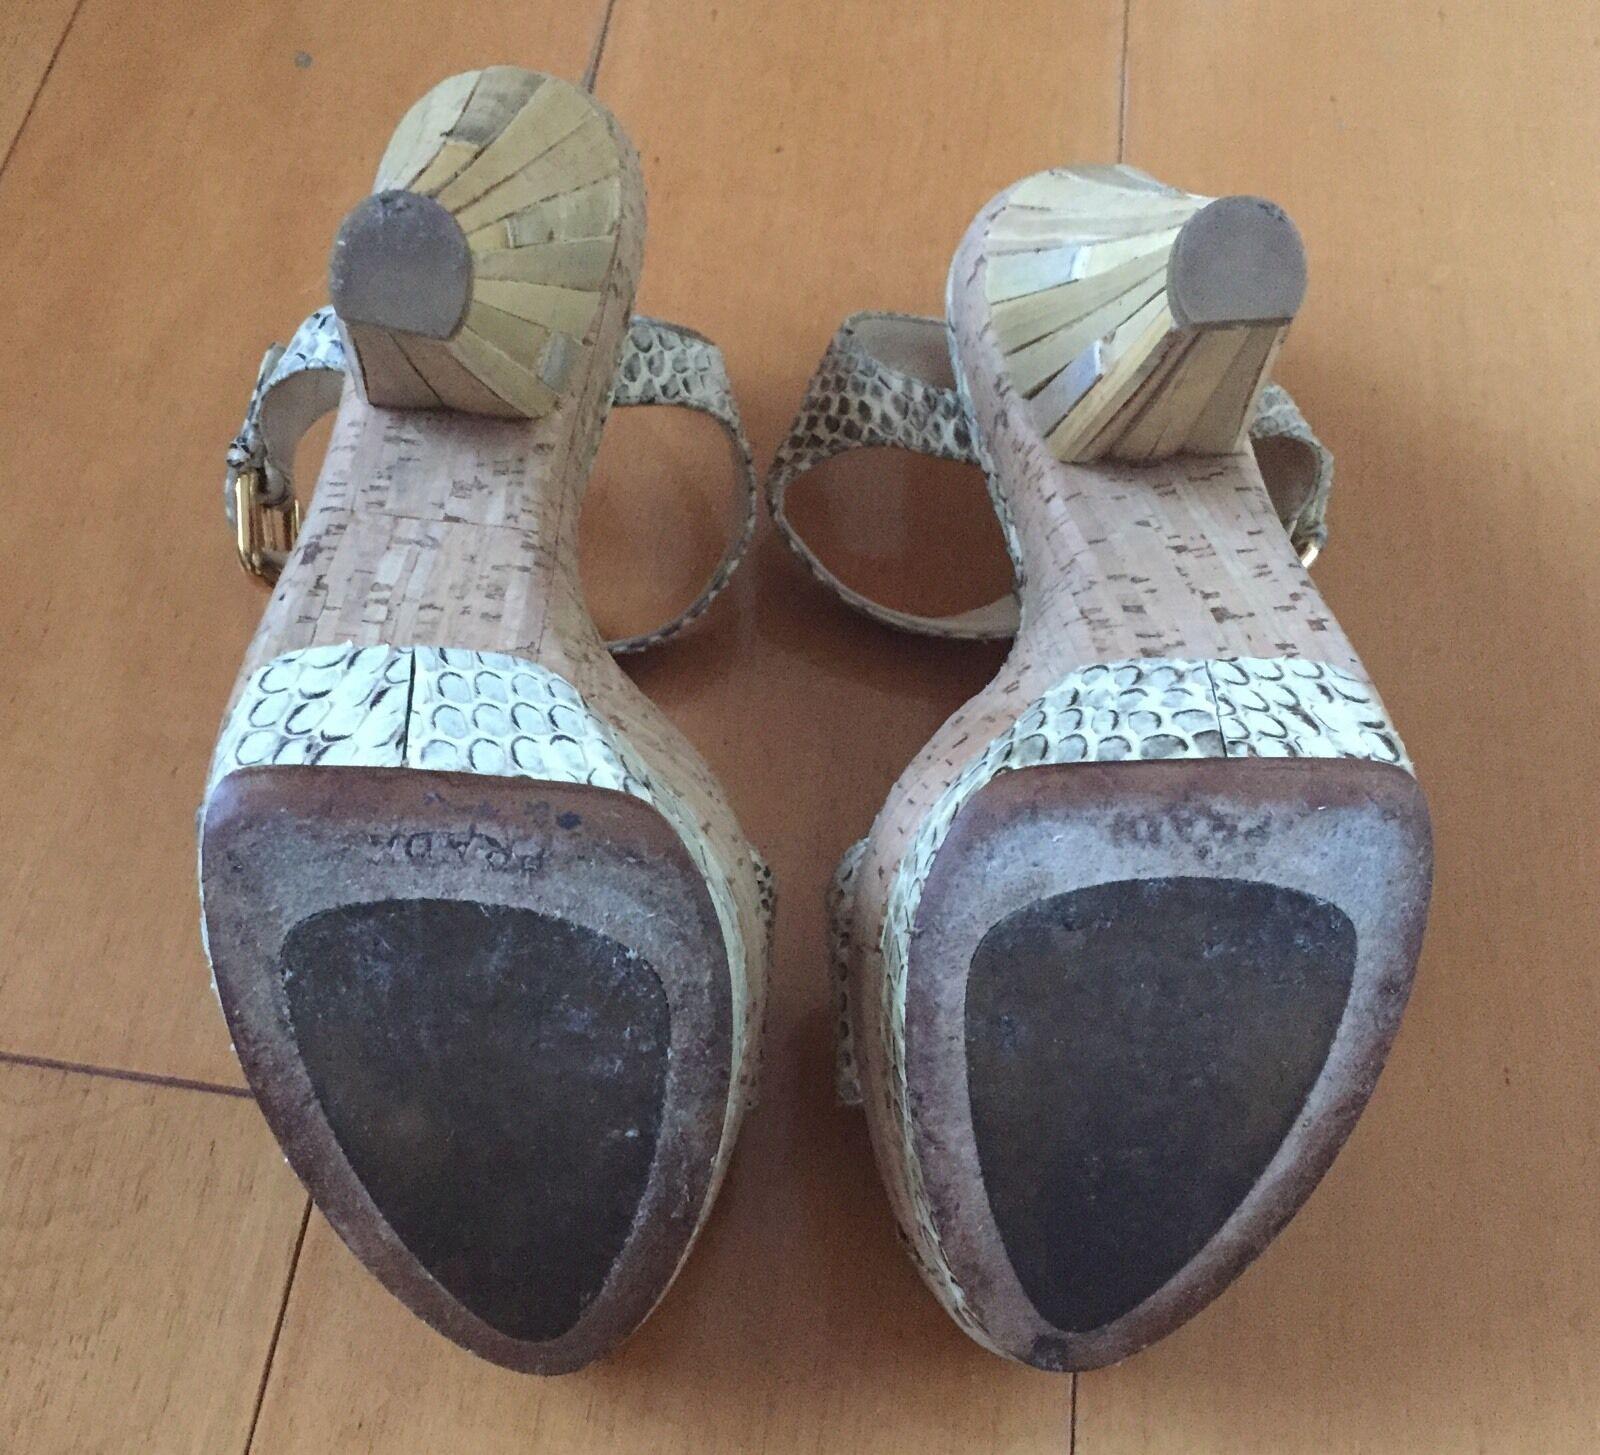 Prada Talla 37 Beige Cuero Cuero Cuero Tacón Corcho Plataforma sin talón Fáciles de poner Peep Toe Piel De Serpiente 19be2a